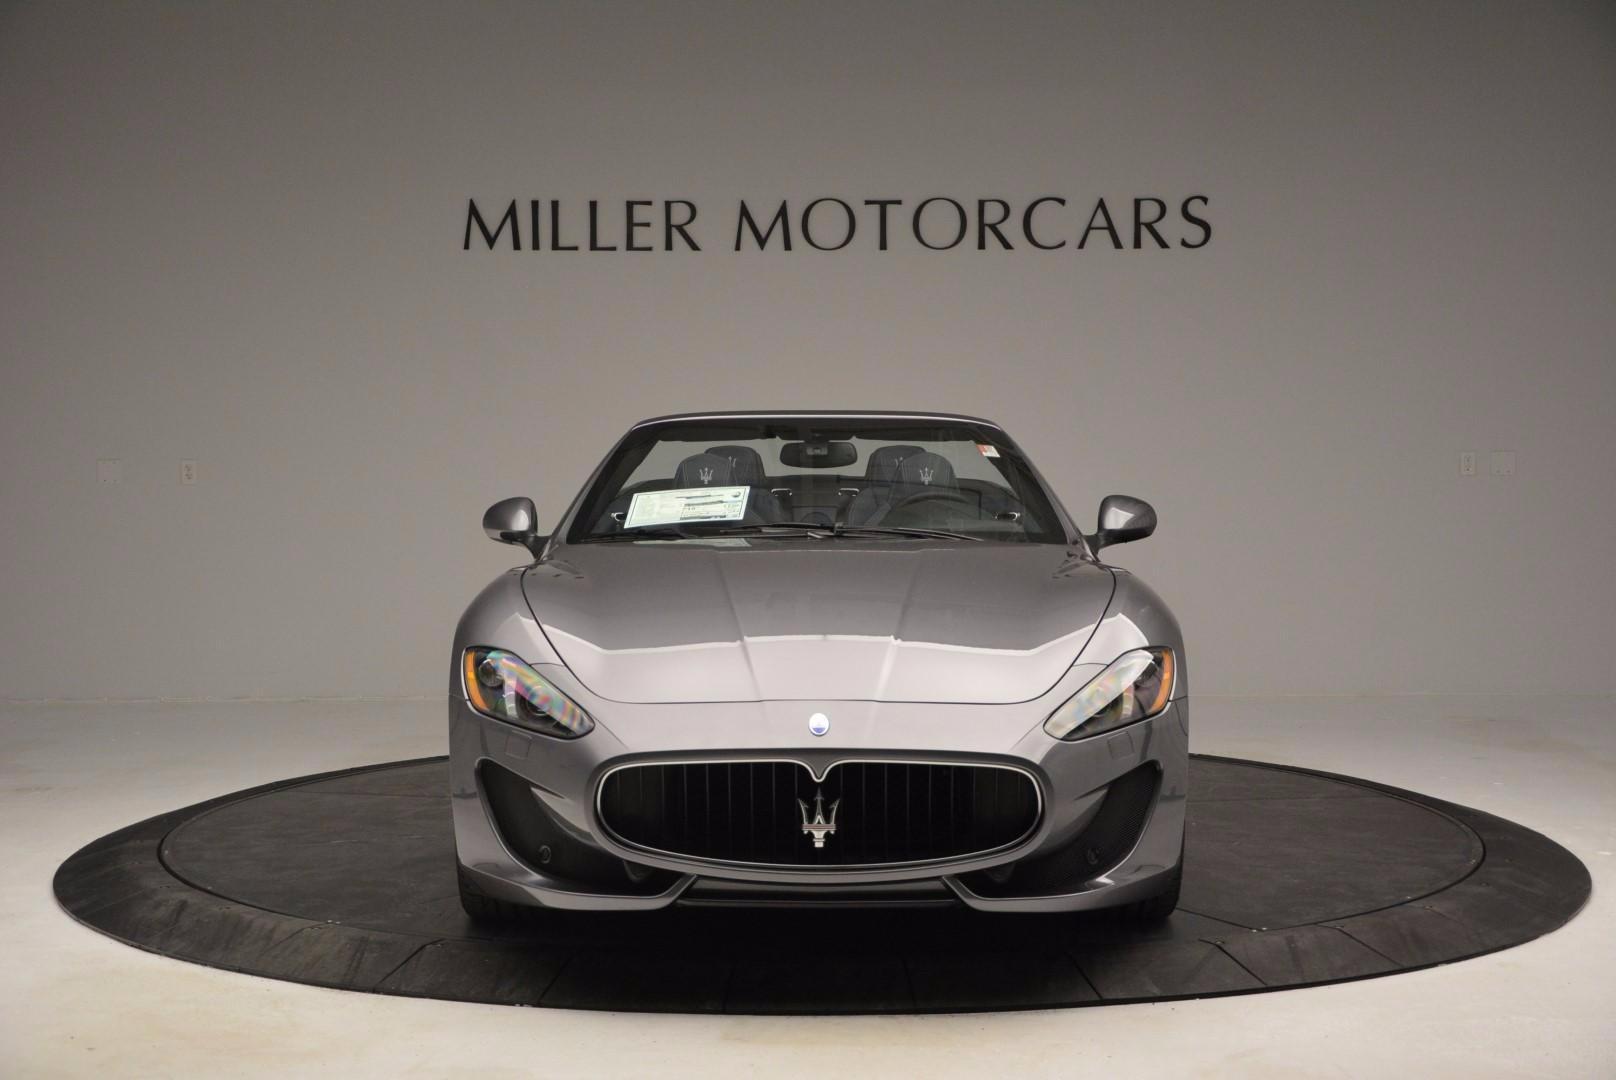 New 2017 Maserati GranTurismo Sport For Sale In Greenwich, CT 598_p10